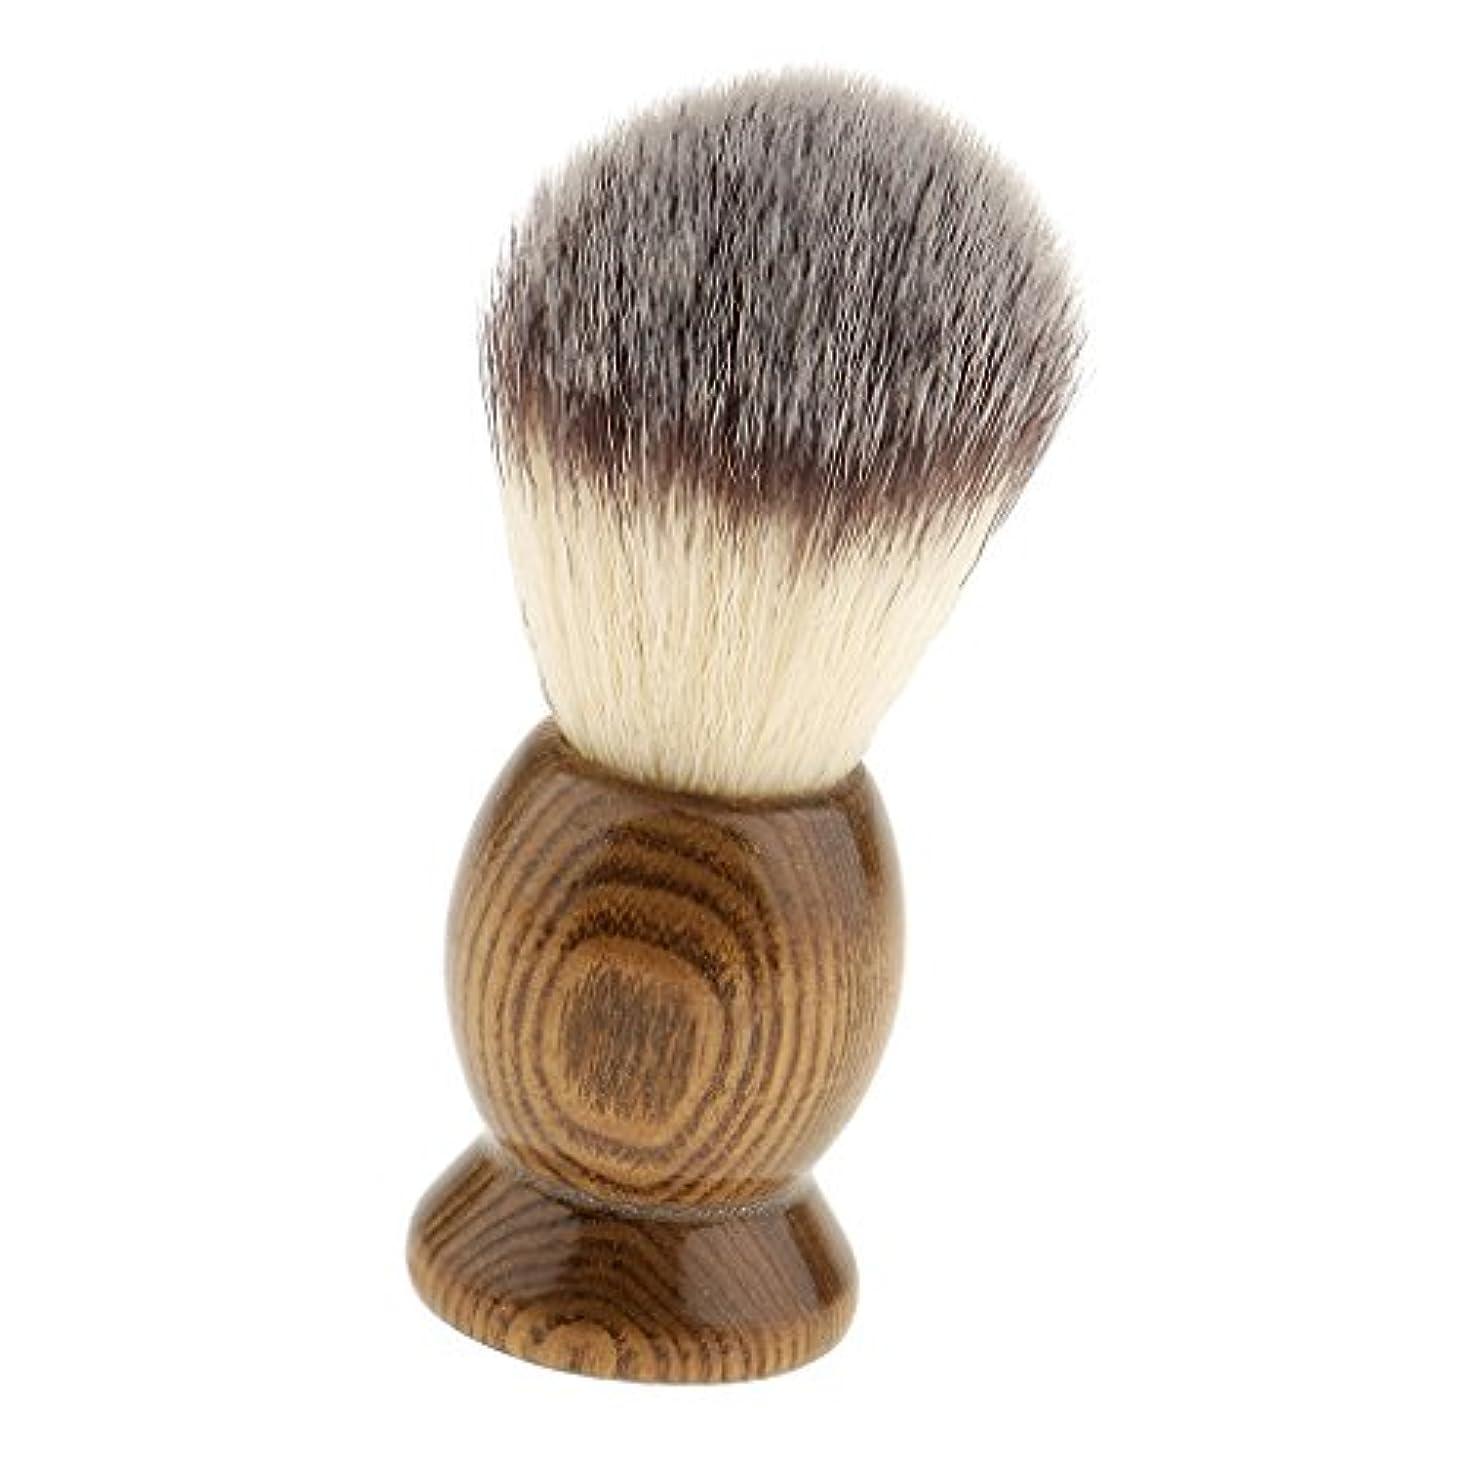 インフラリハーサル戦士髭剃りブラシ メンズ シェービングブラシ 泡立ち サロン 家庭 父の日 プレゼント 全5種類 - 5